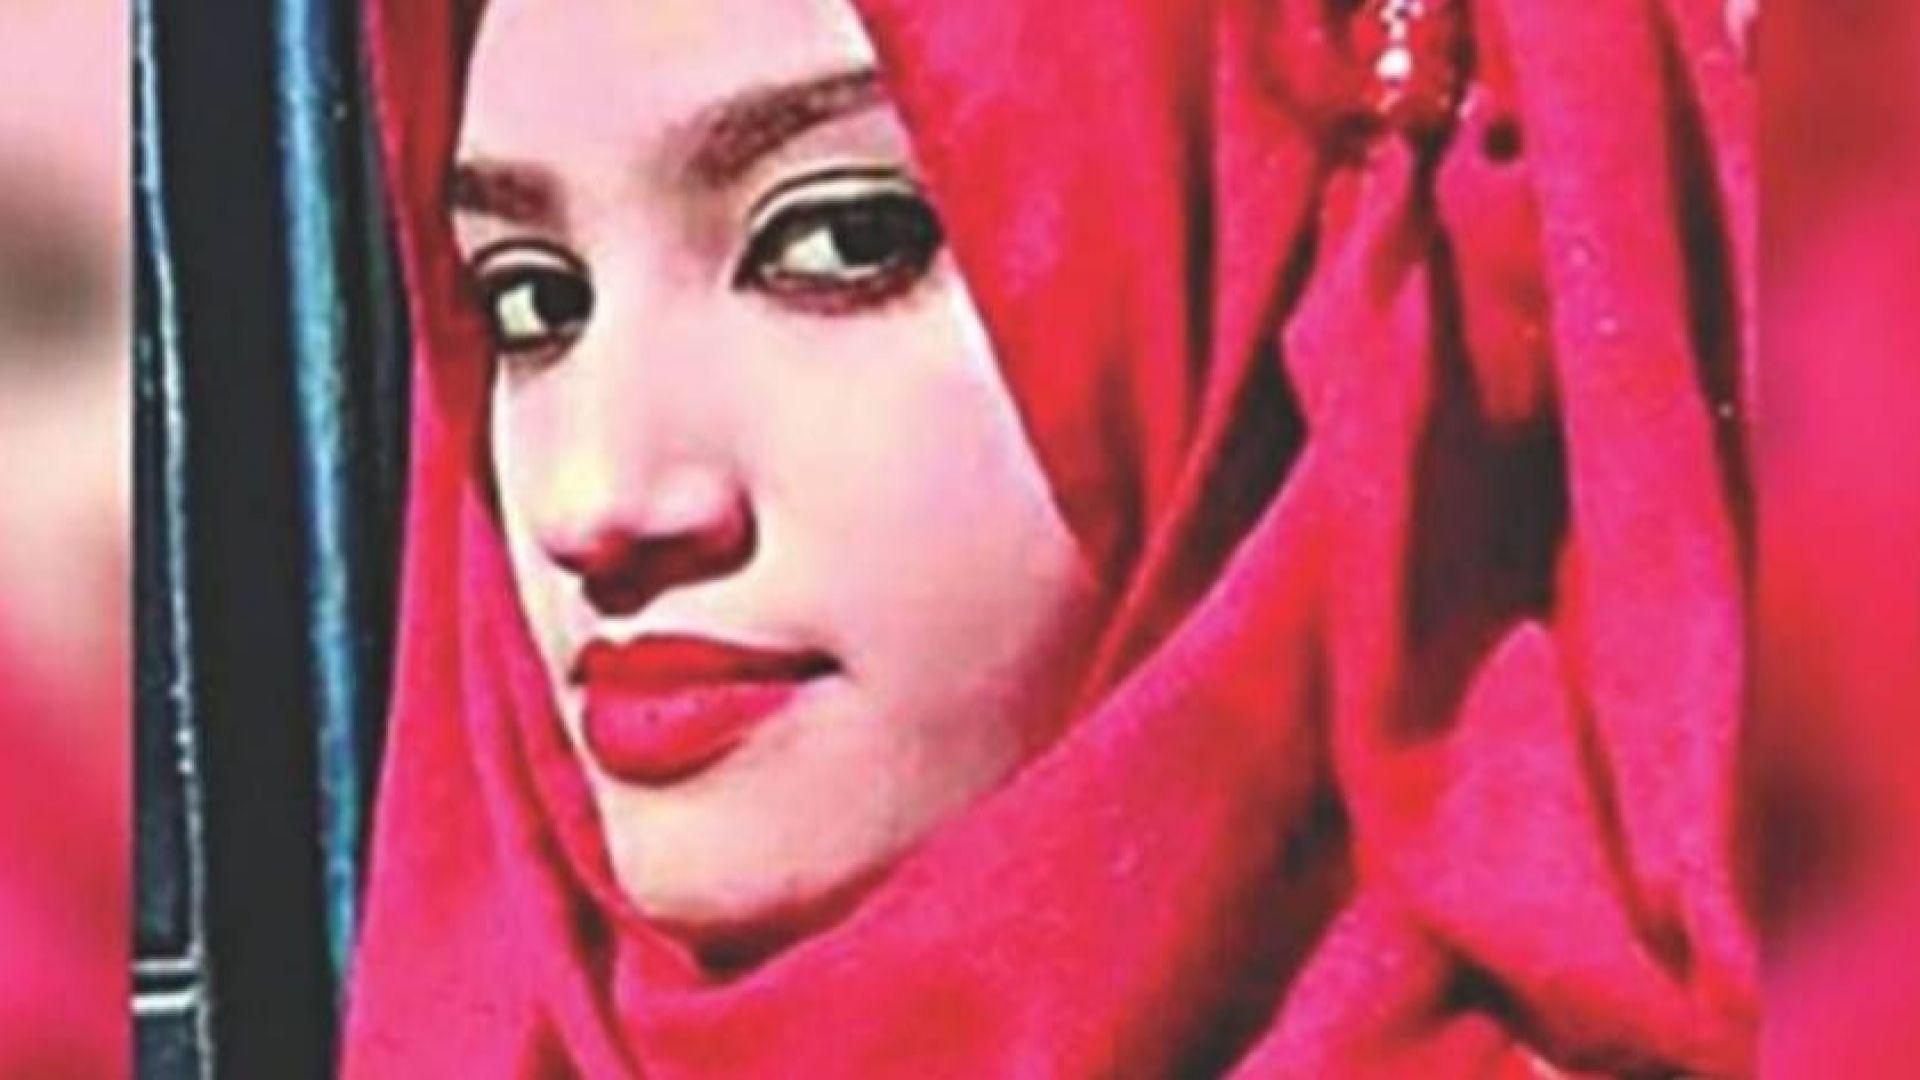 19-годишно момиче беше изгорено живо заради оплакване от сексуално посегателство